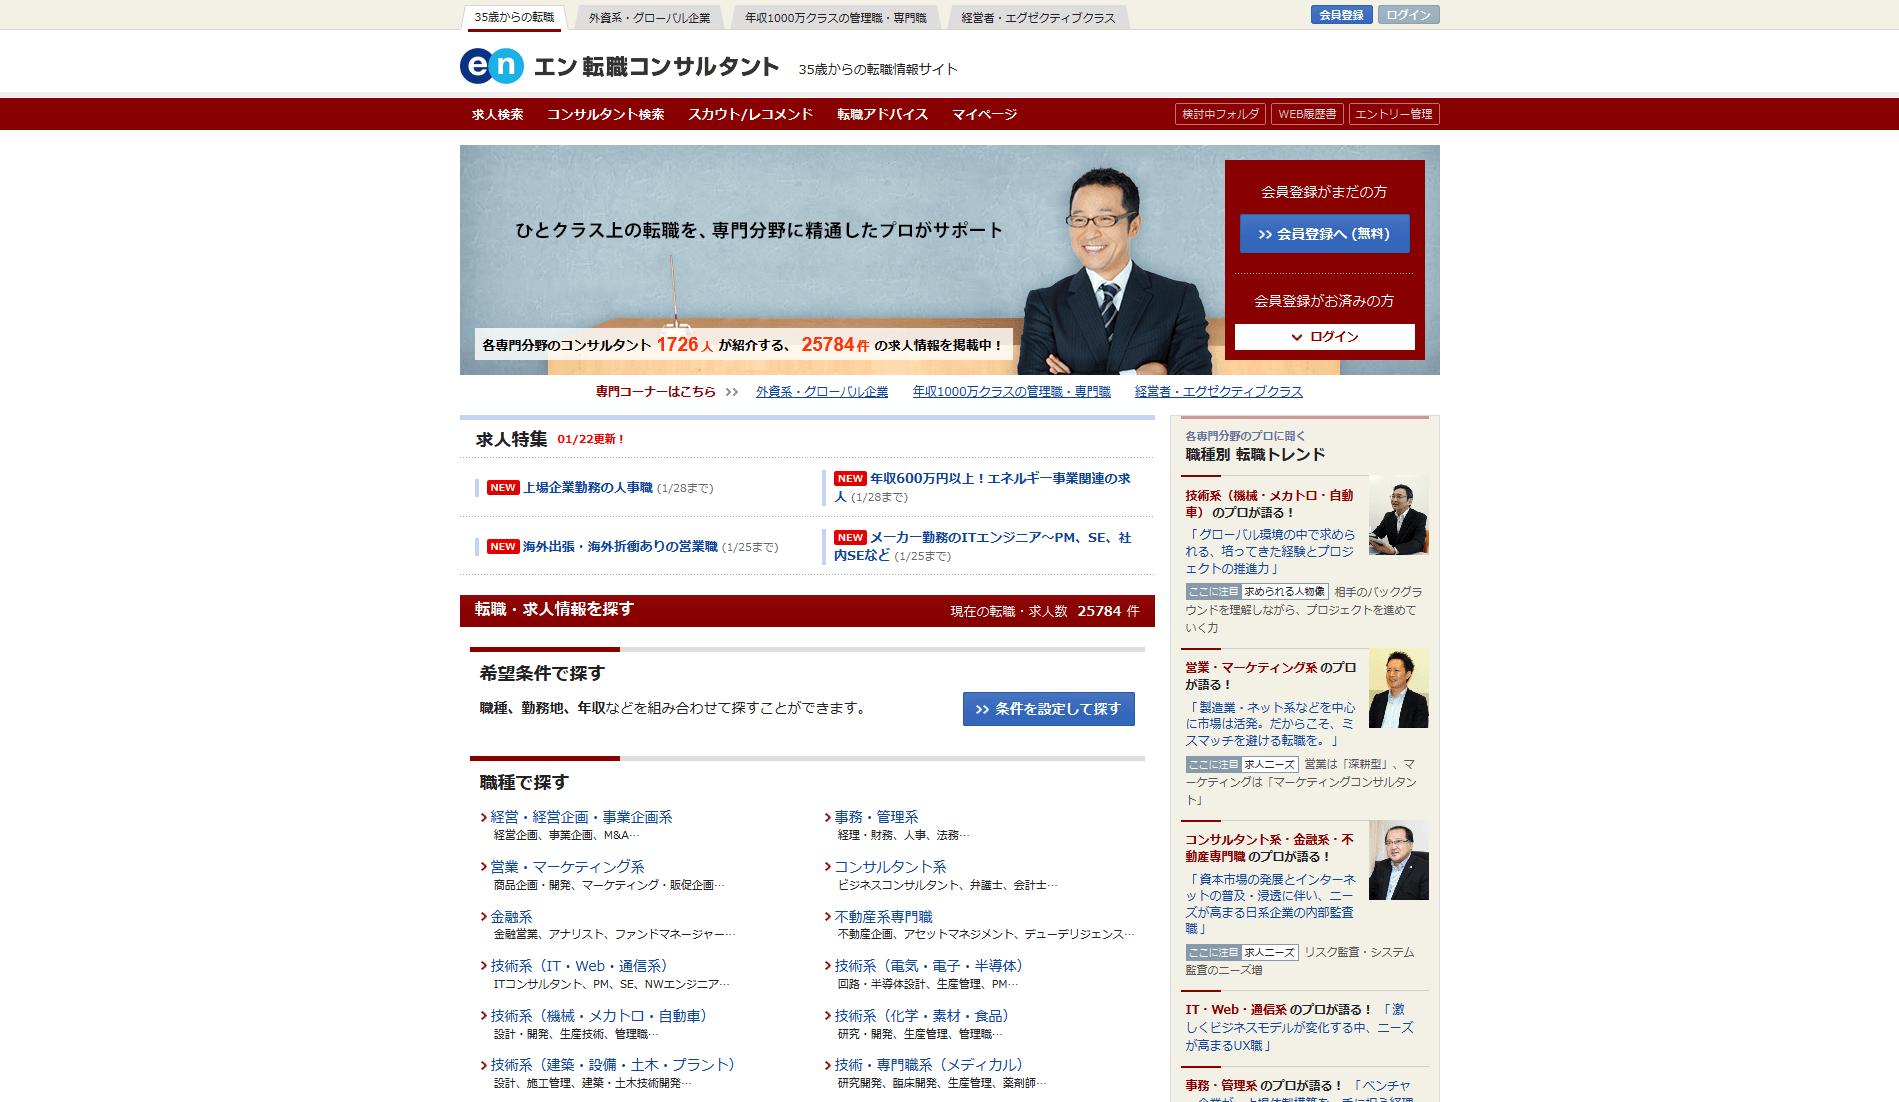 エン転職コンサルタント|35歳からの転職情報サイト